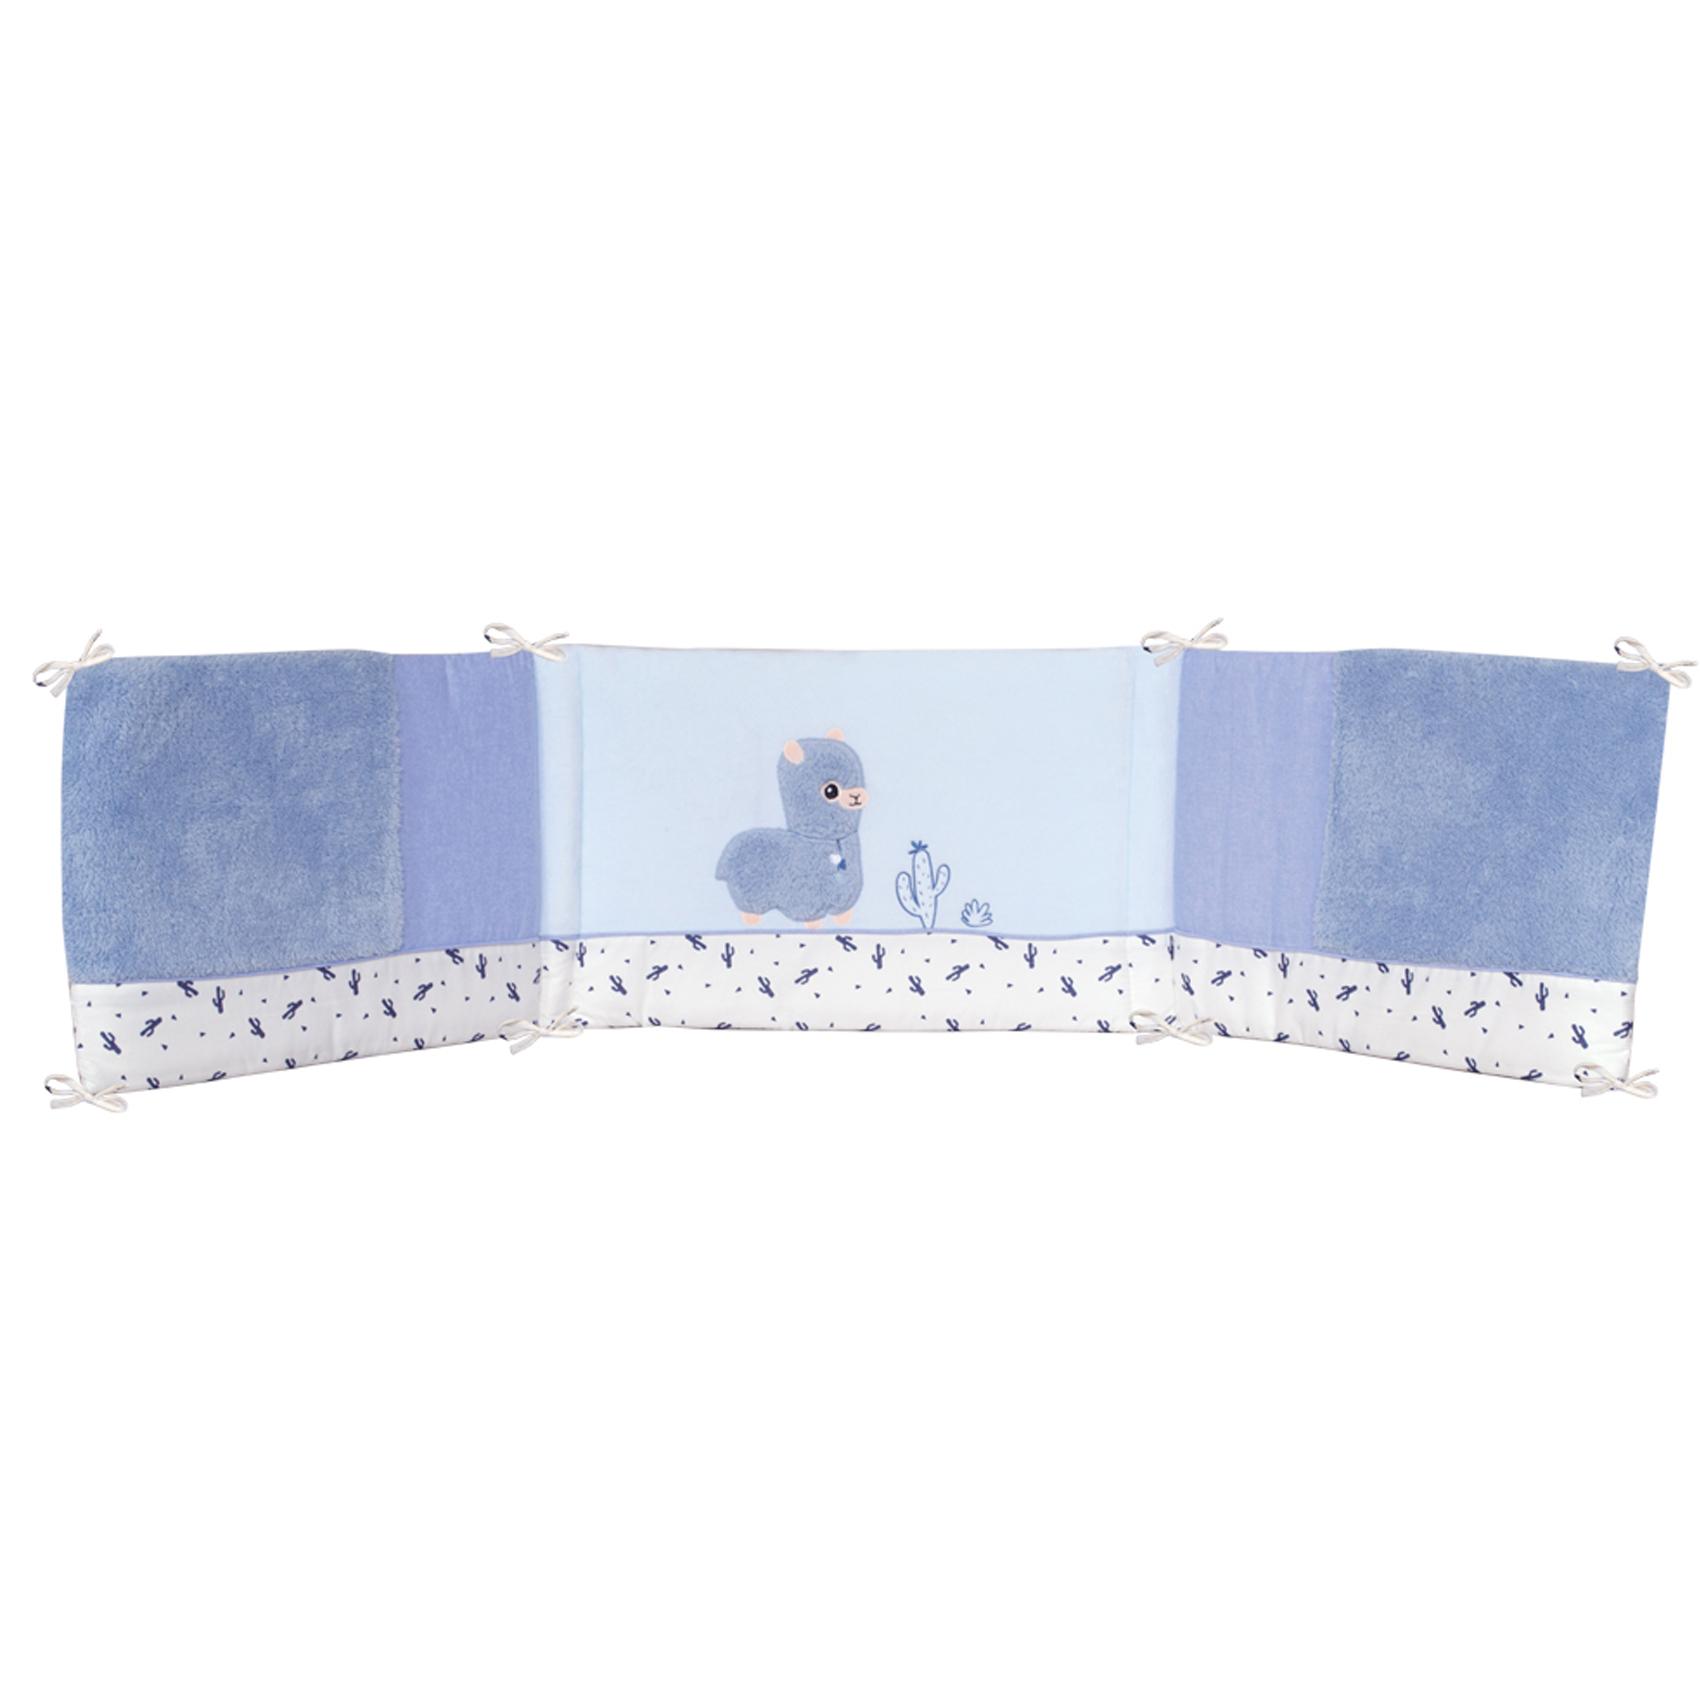 Tour de lit bébé adaptable Diego microfibre Bleu 40x180